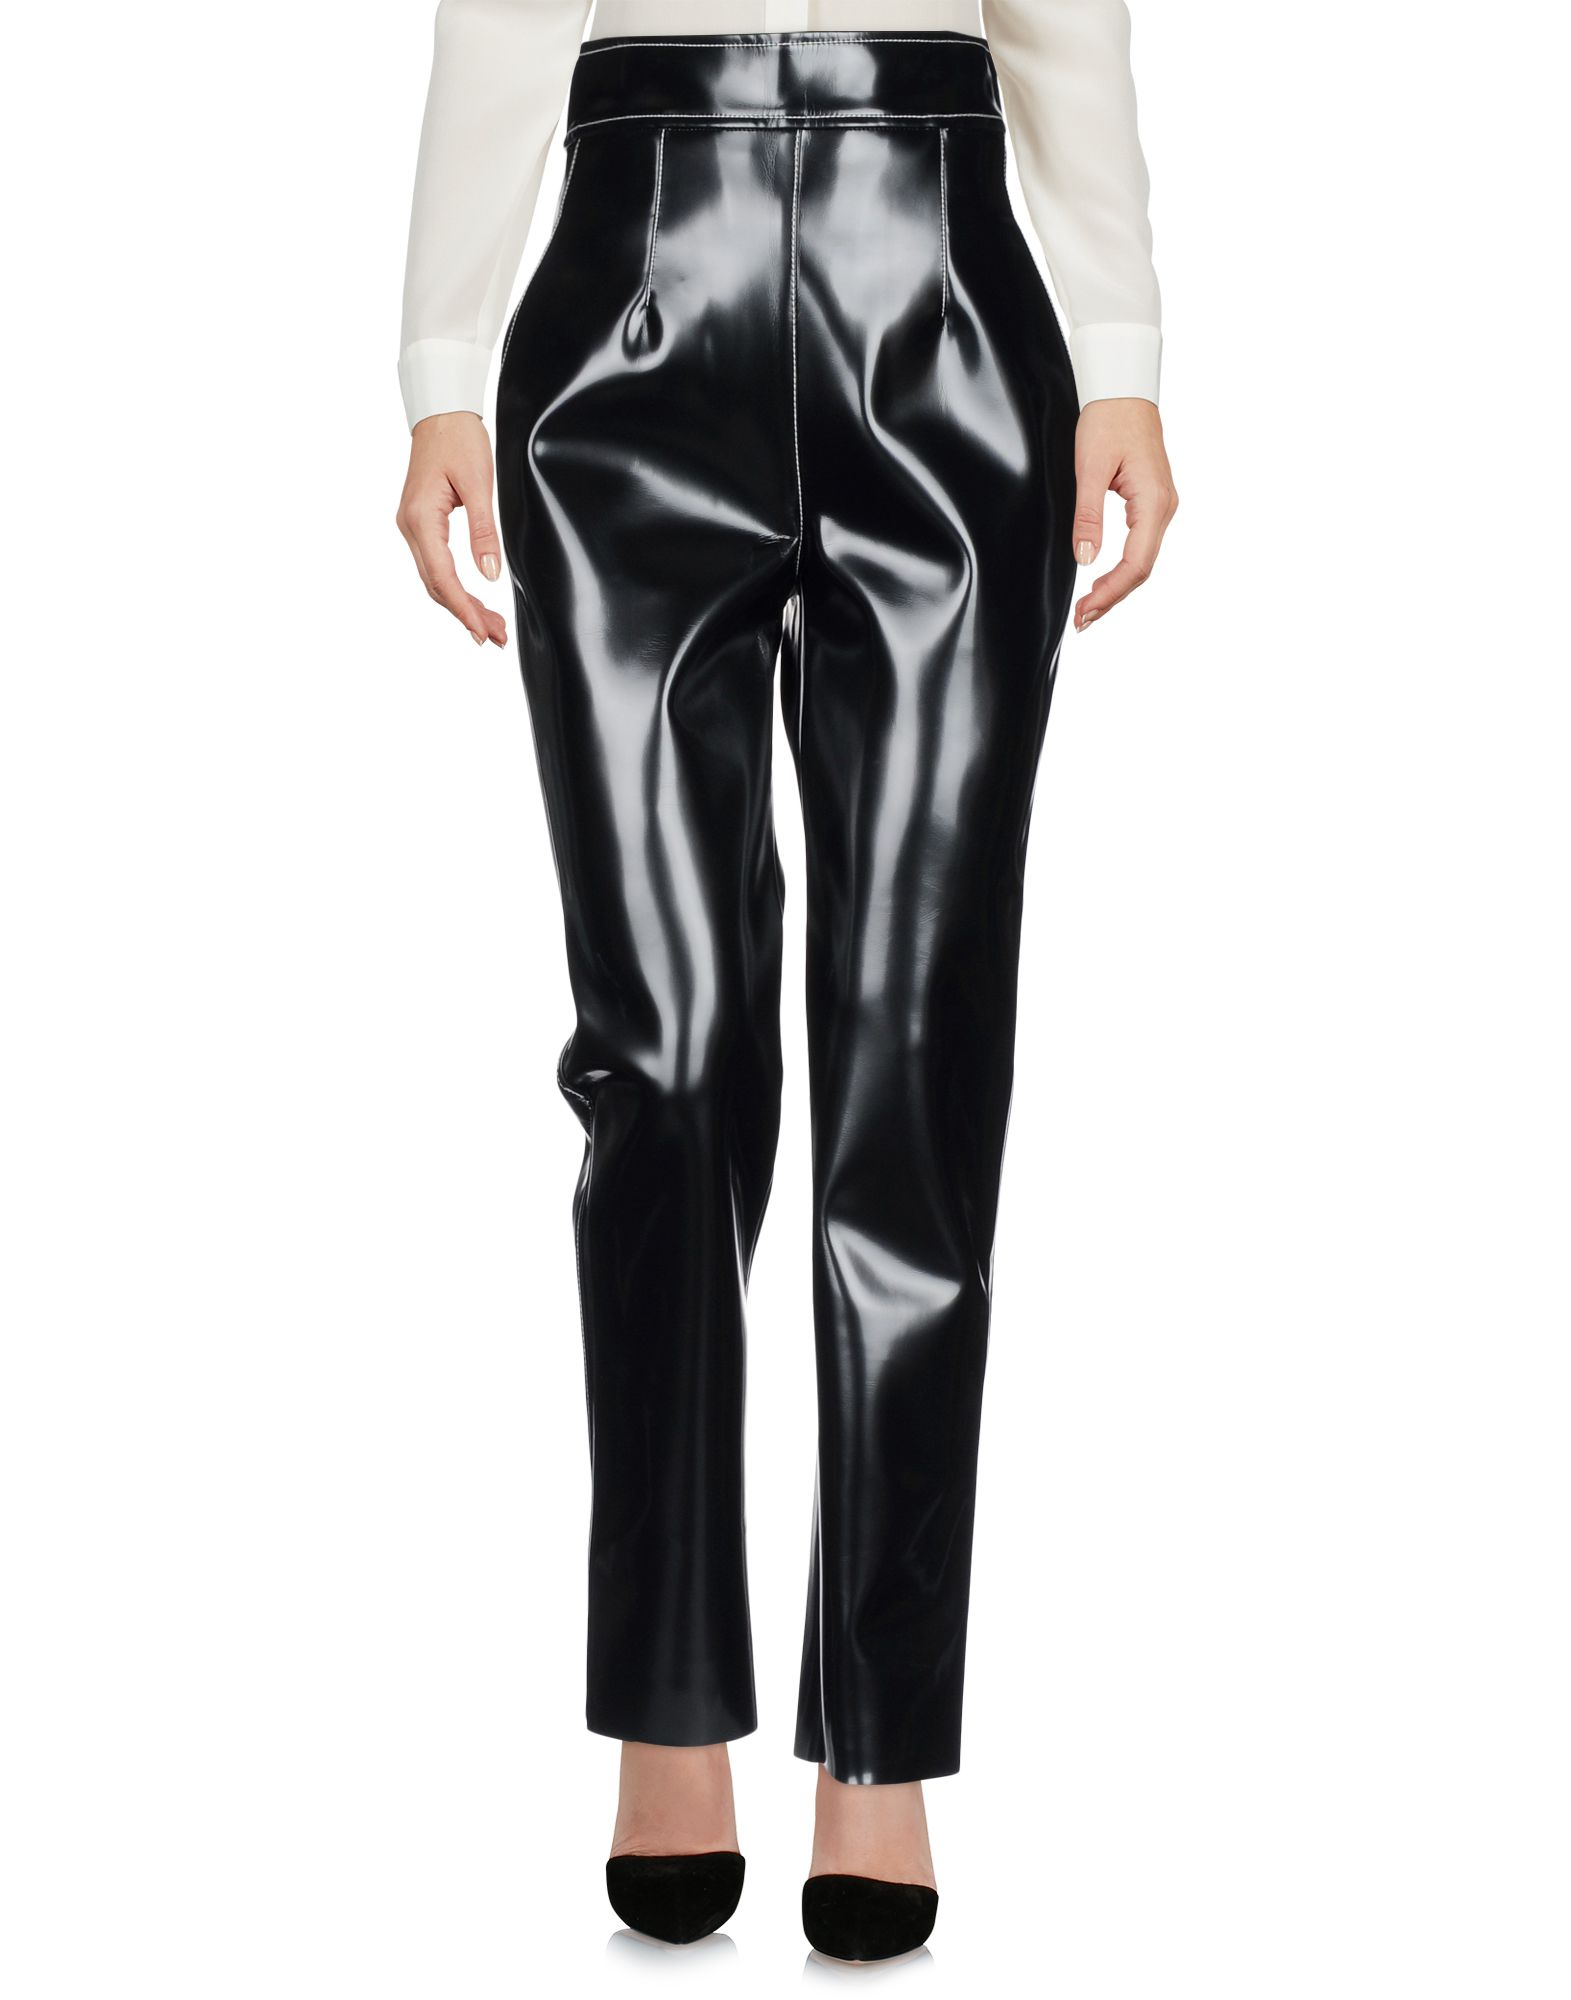 Pantalone Philosophy Di Lorenzo Serafini donna donna donna - 13175676HG f88